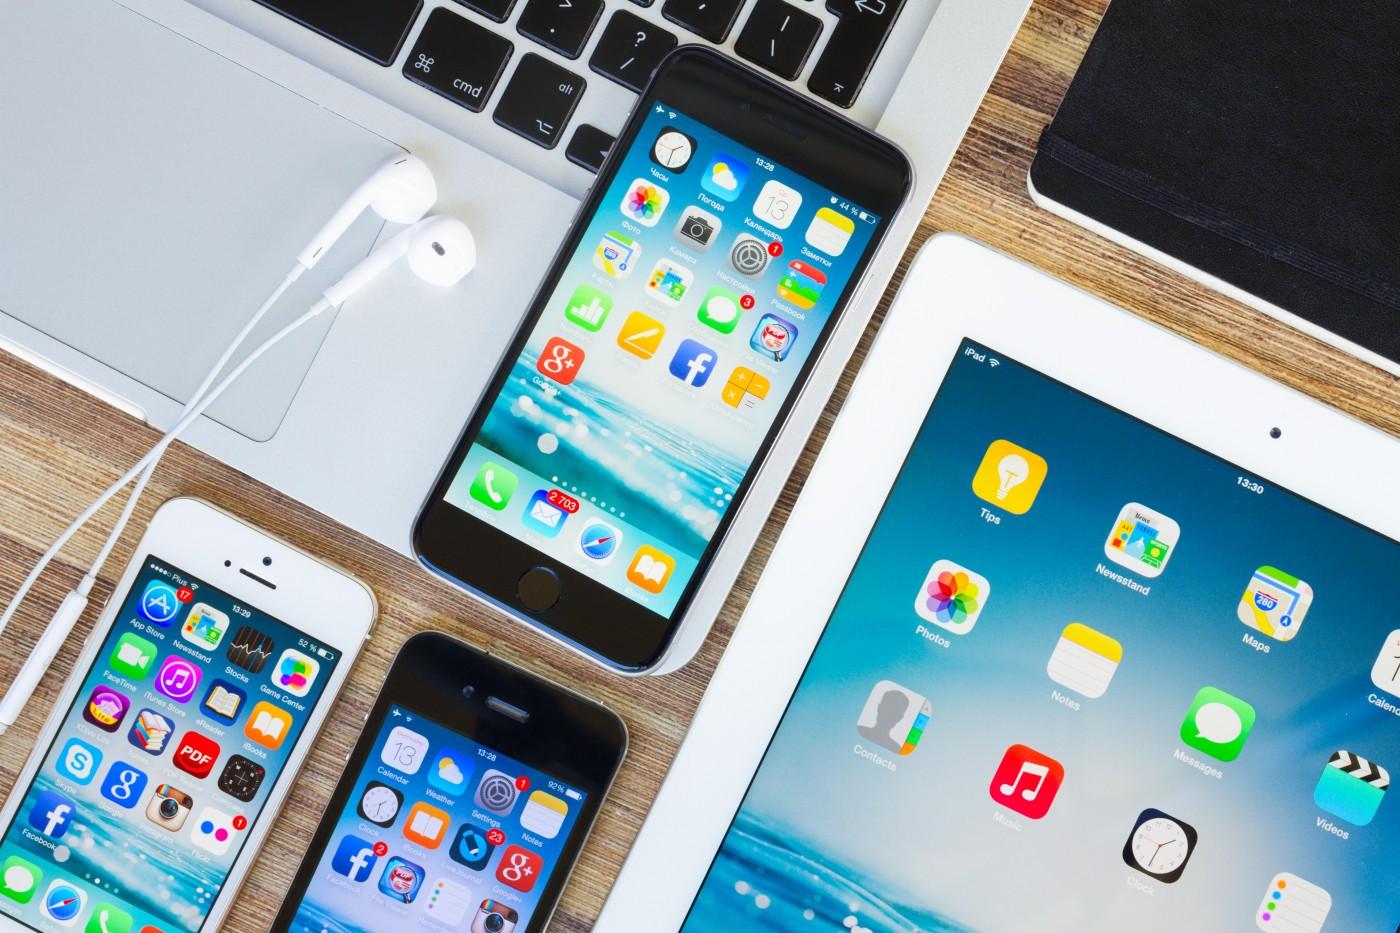 始於 ARM 與三星:蘋果自行設計的 SoC 是怎麼走到今天?